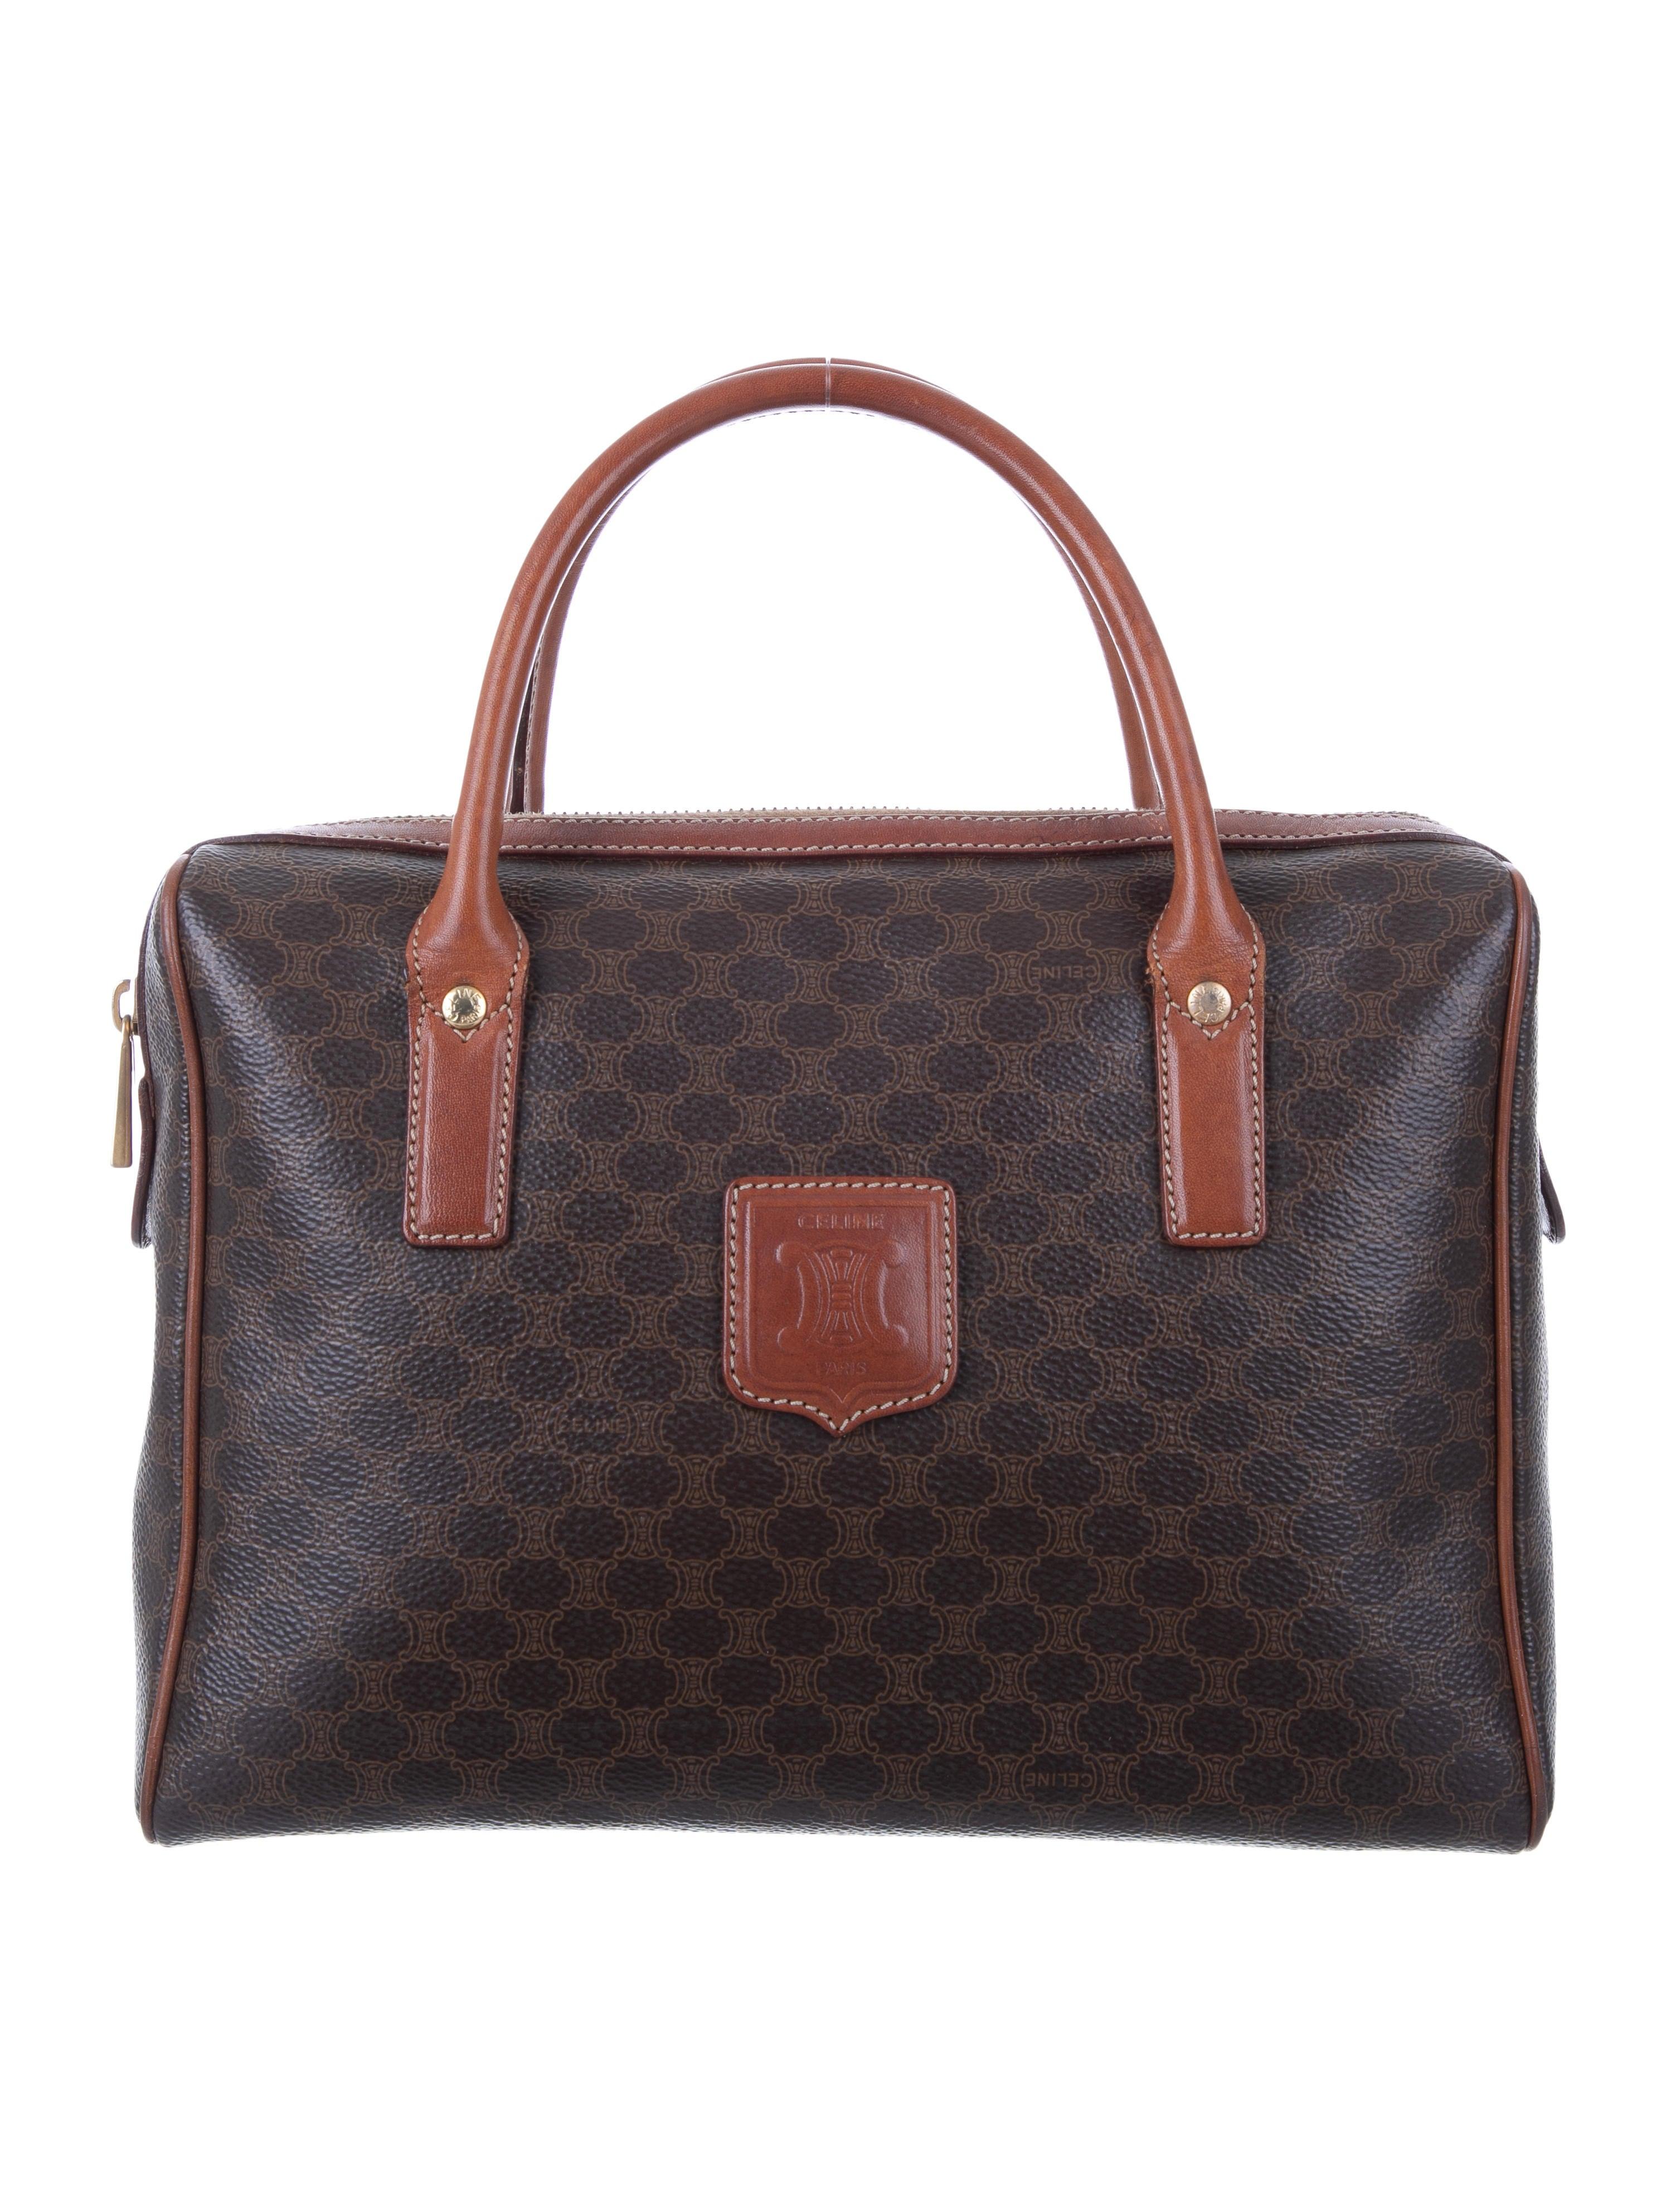 ff174e674 Handbags | The RealReal